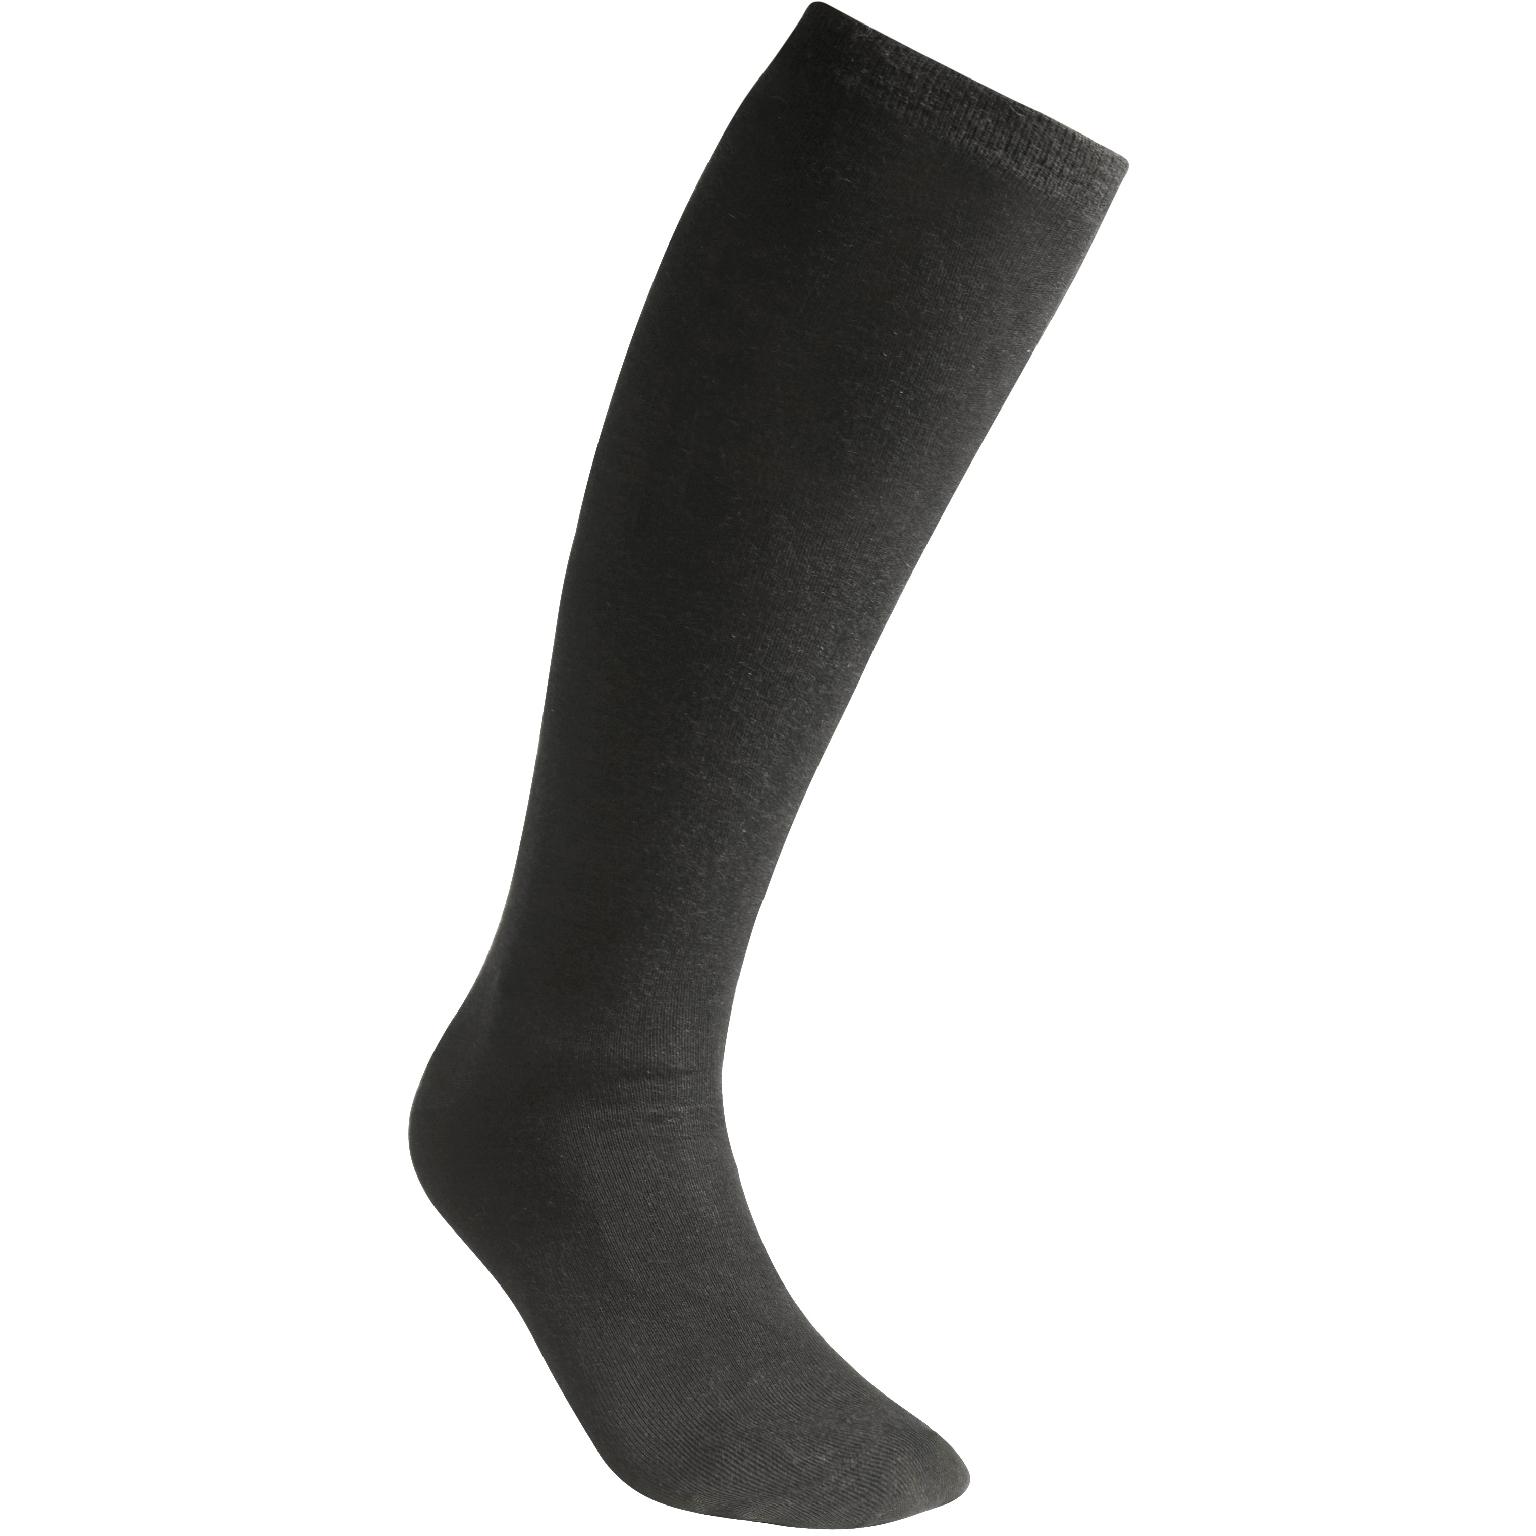 Image of Woolpower Liner Knee-High Socks - black